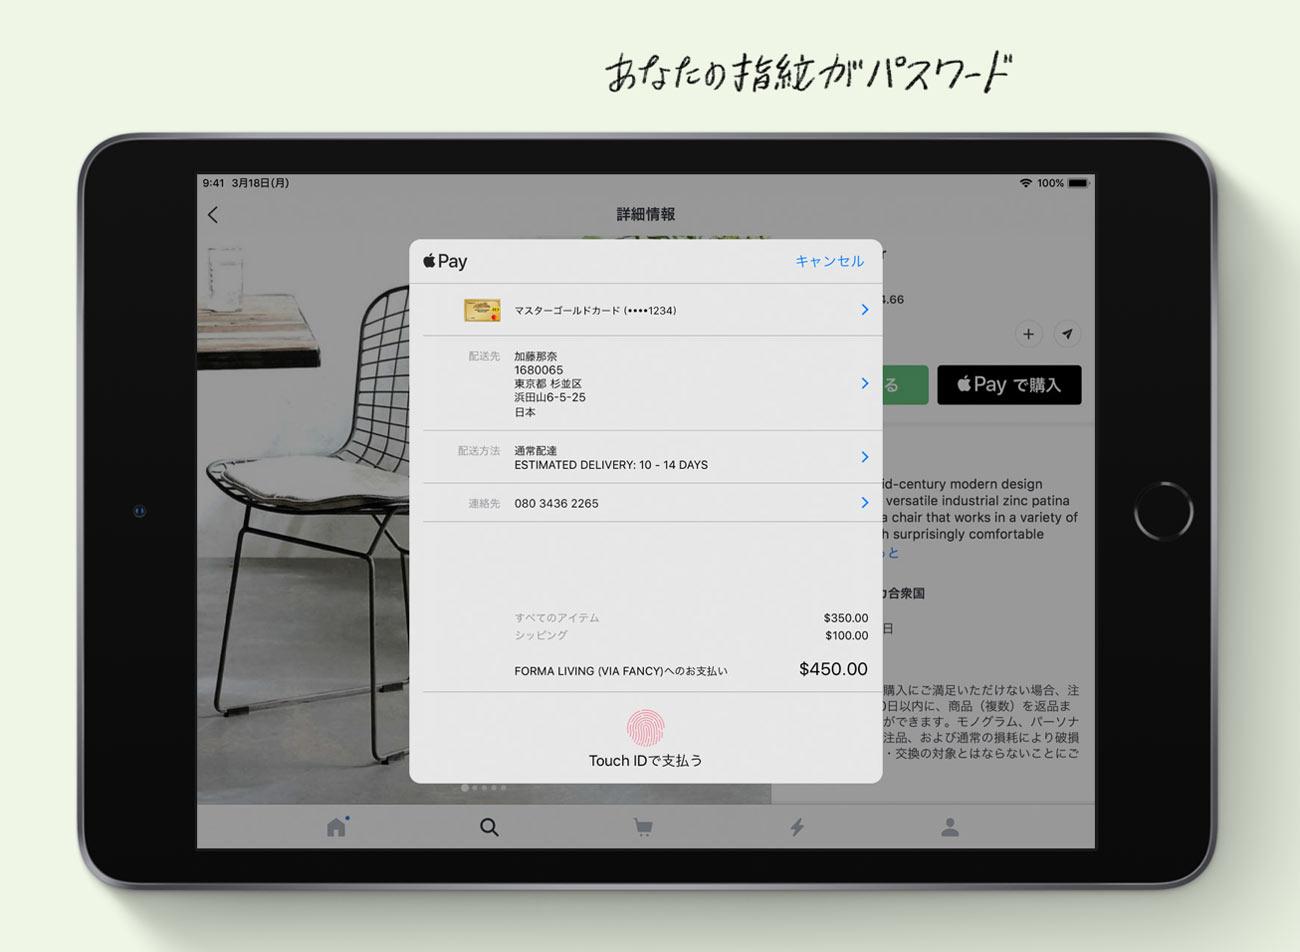 iPad mini 2019 指紋認証(Touch ID)